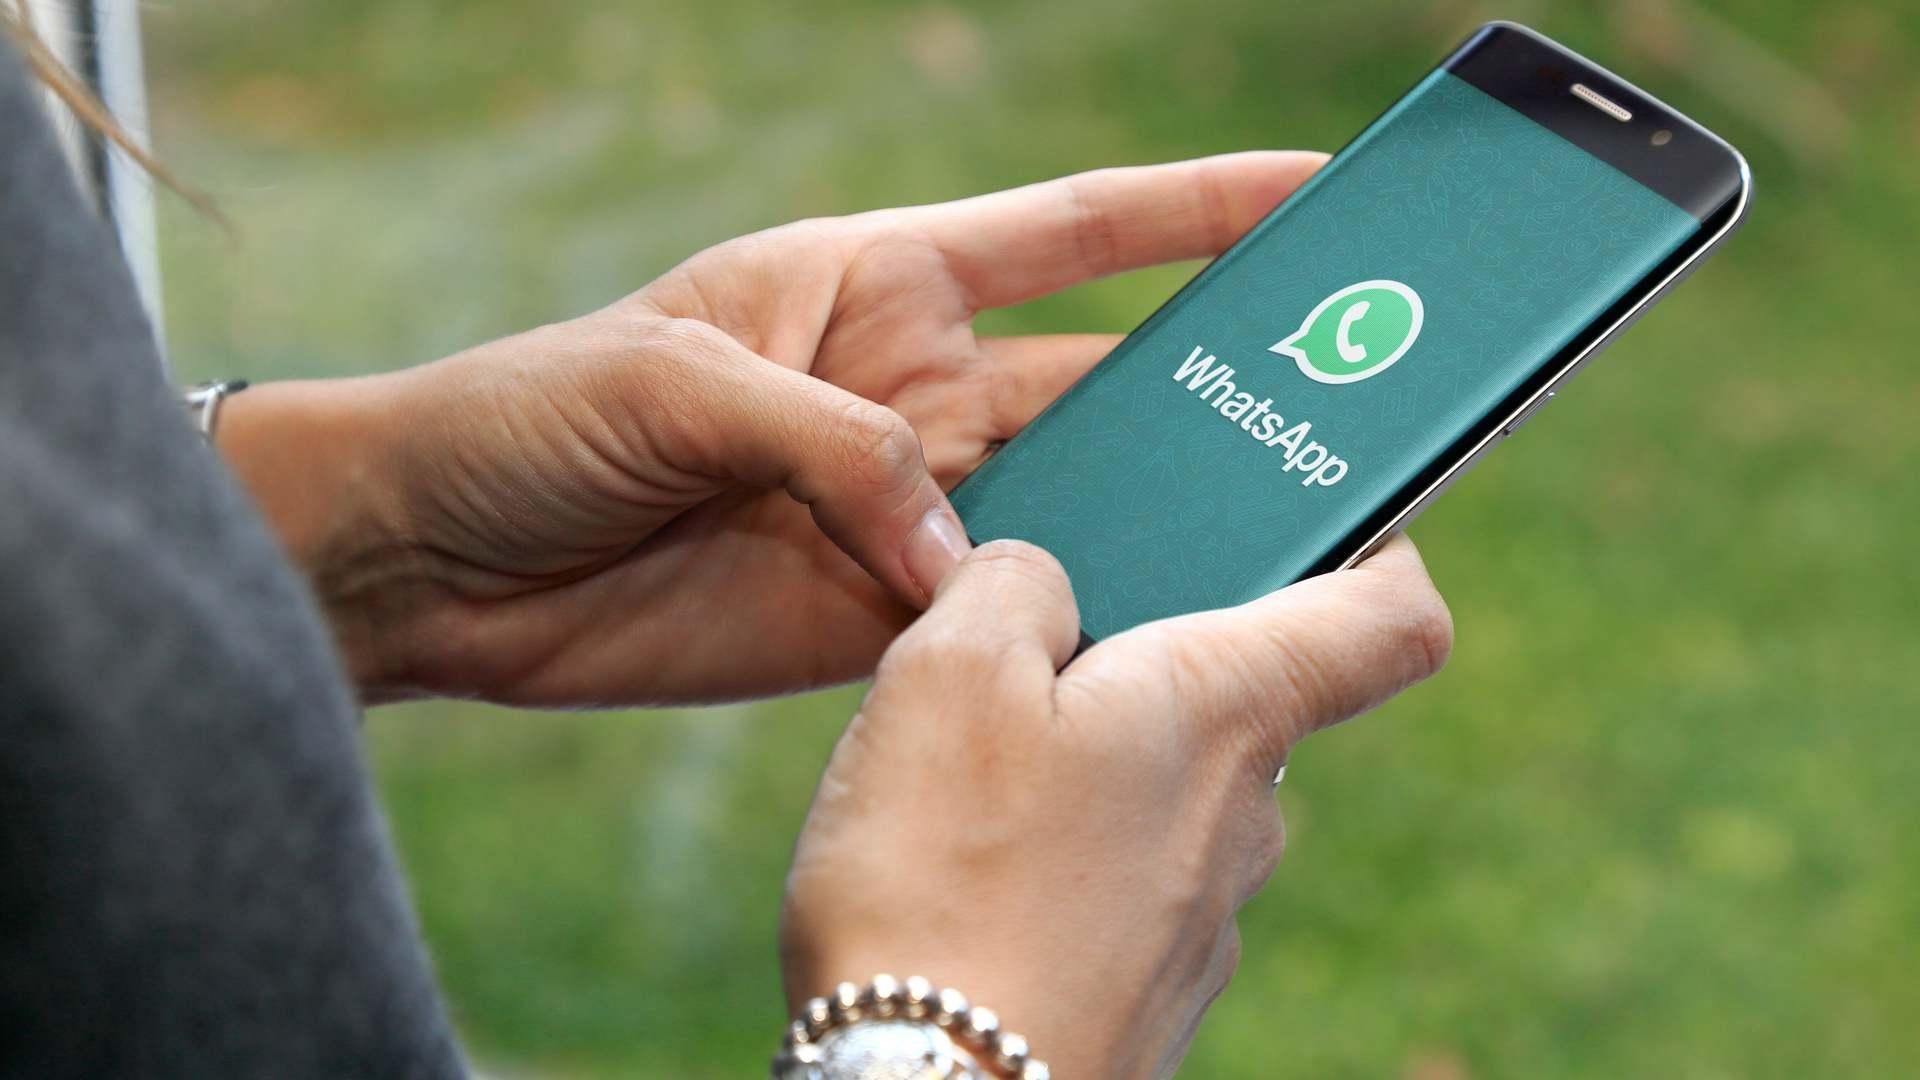 Mulher segurando um celular com o símbolo do WhatsApp na tela.